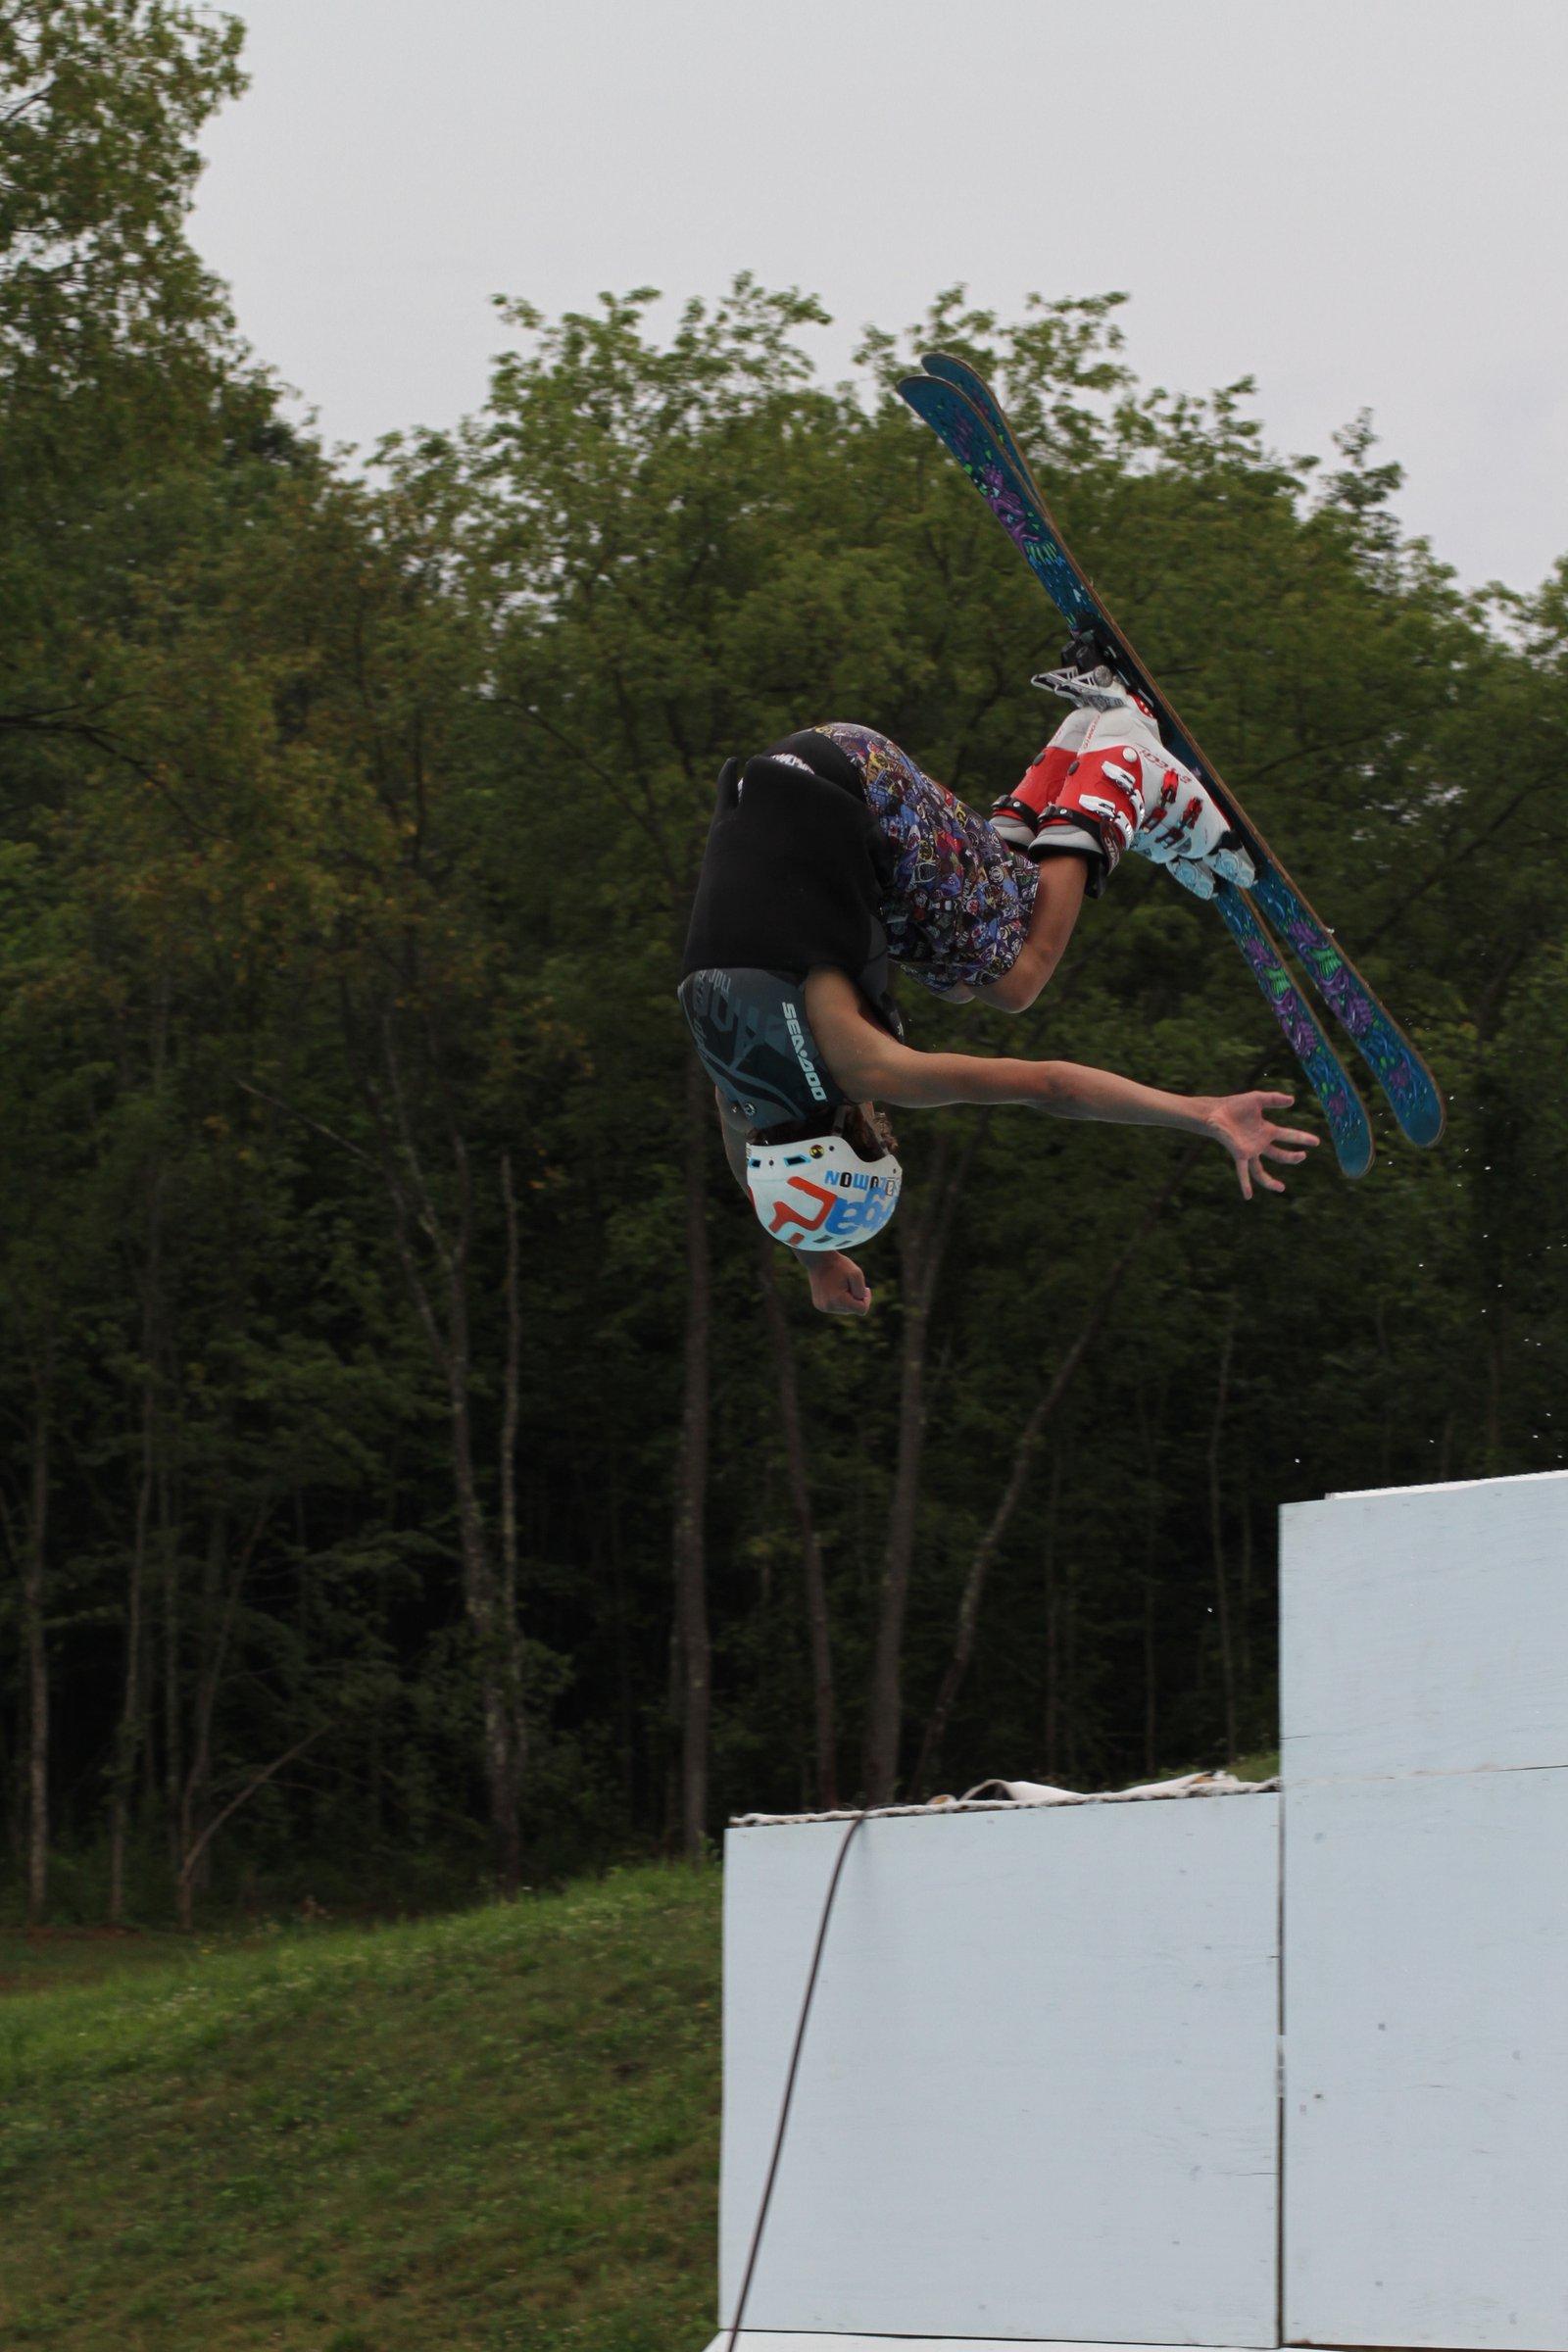 Evan Deller Front Flip